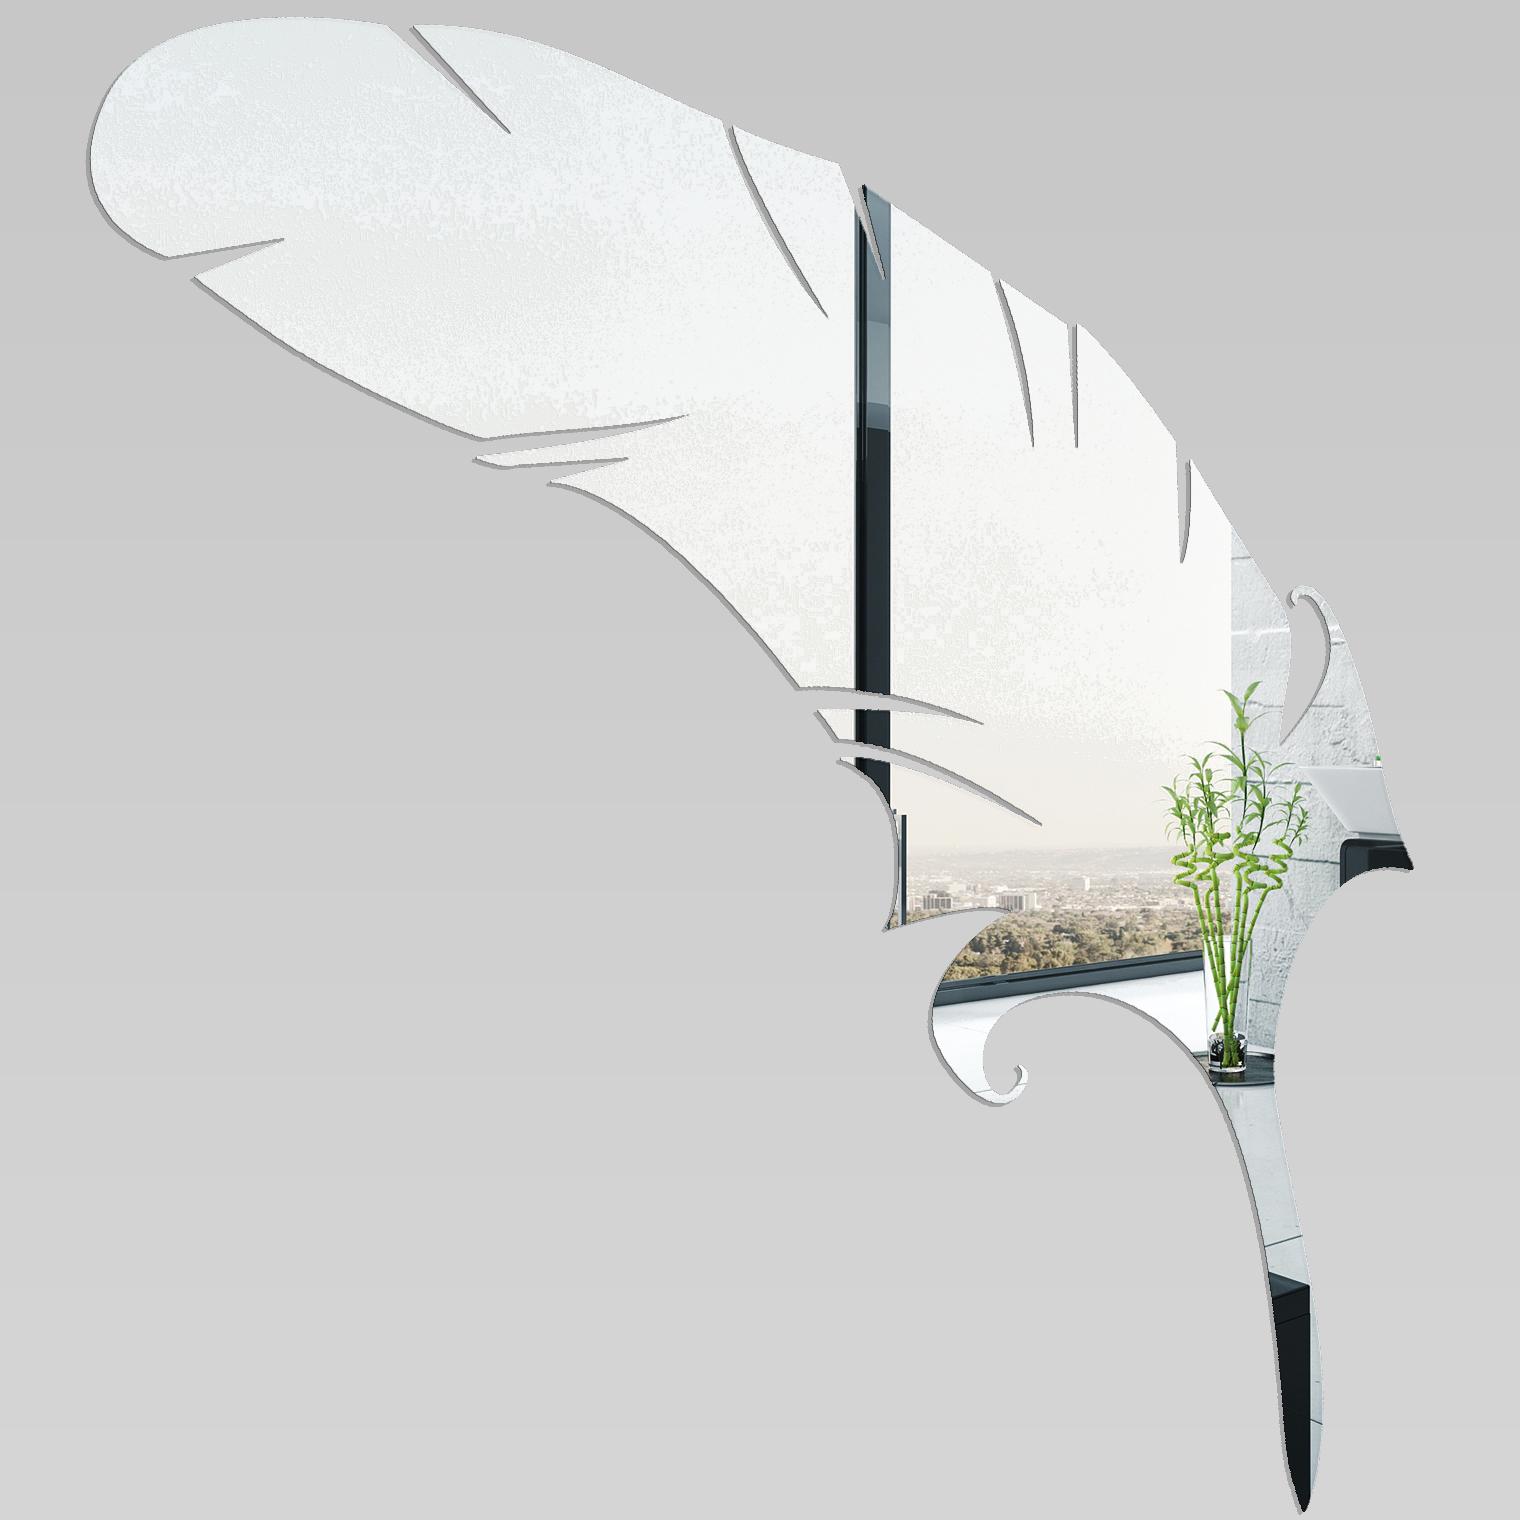 Miroir plexiglass acrylique plume 1 pas cher for Miroir acrylique